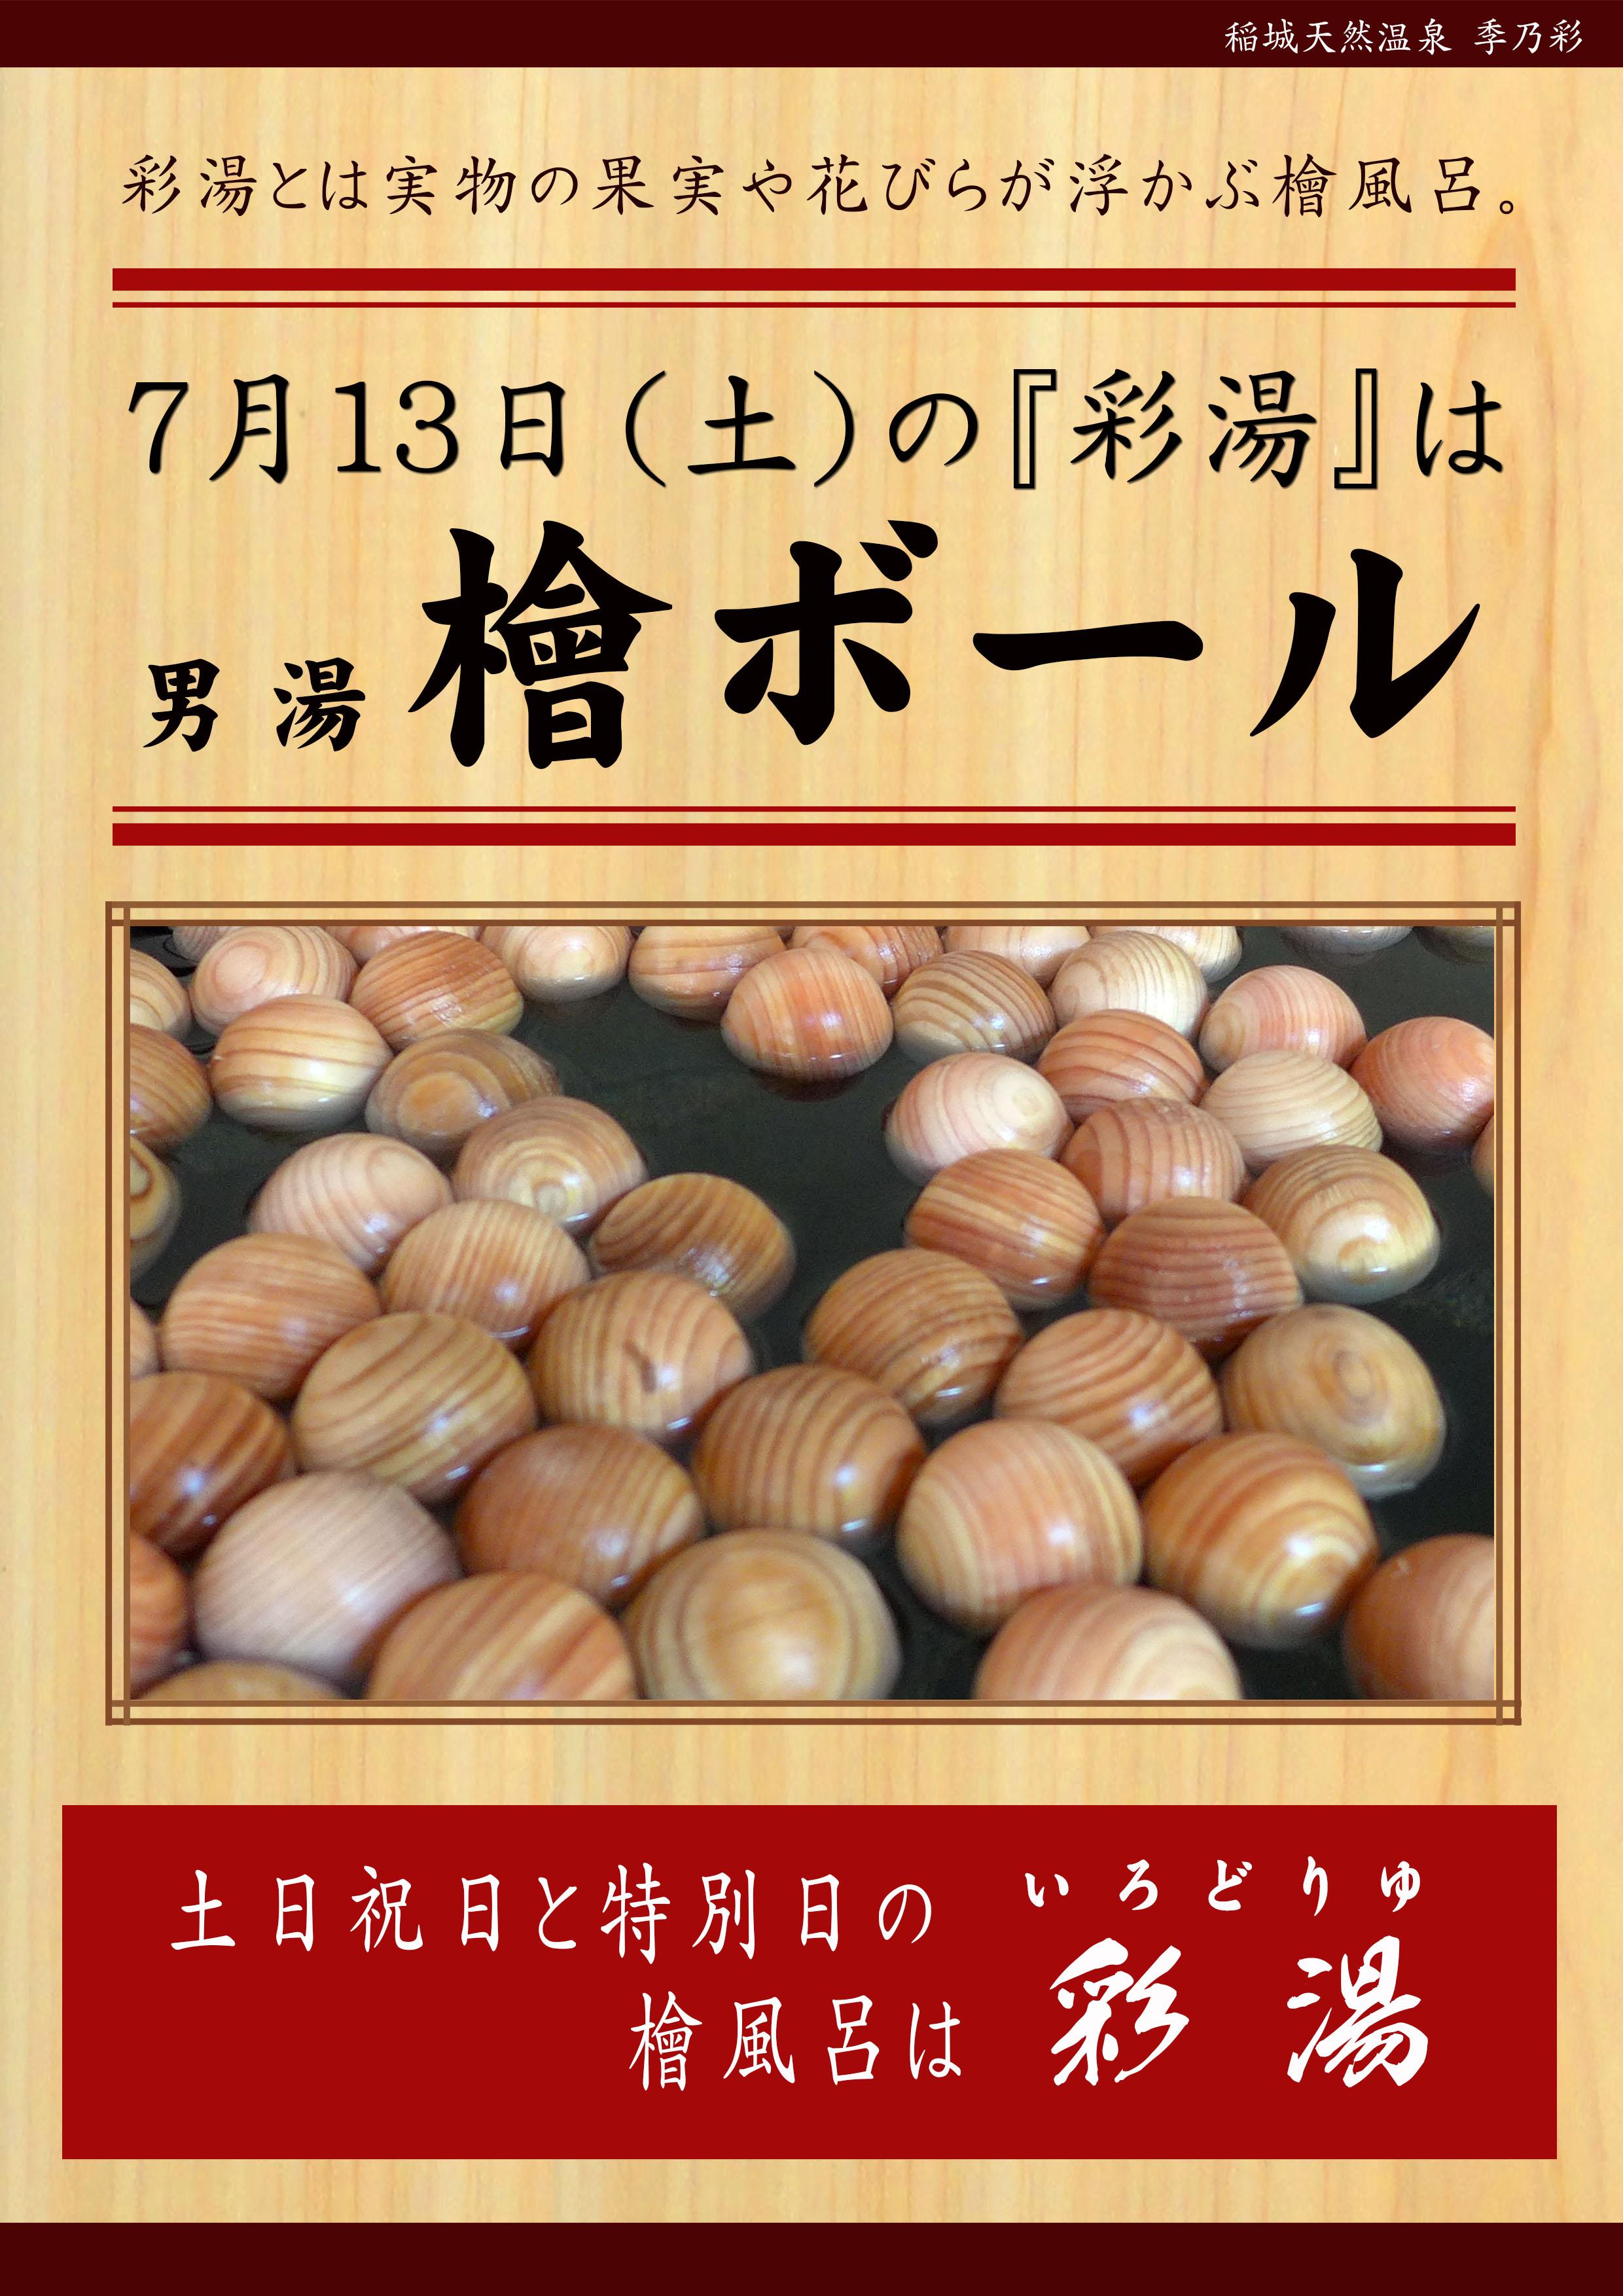 190713 イベント 彩湯 男湯 檜ボール